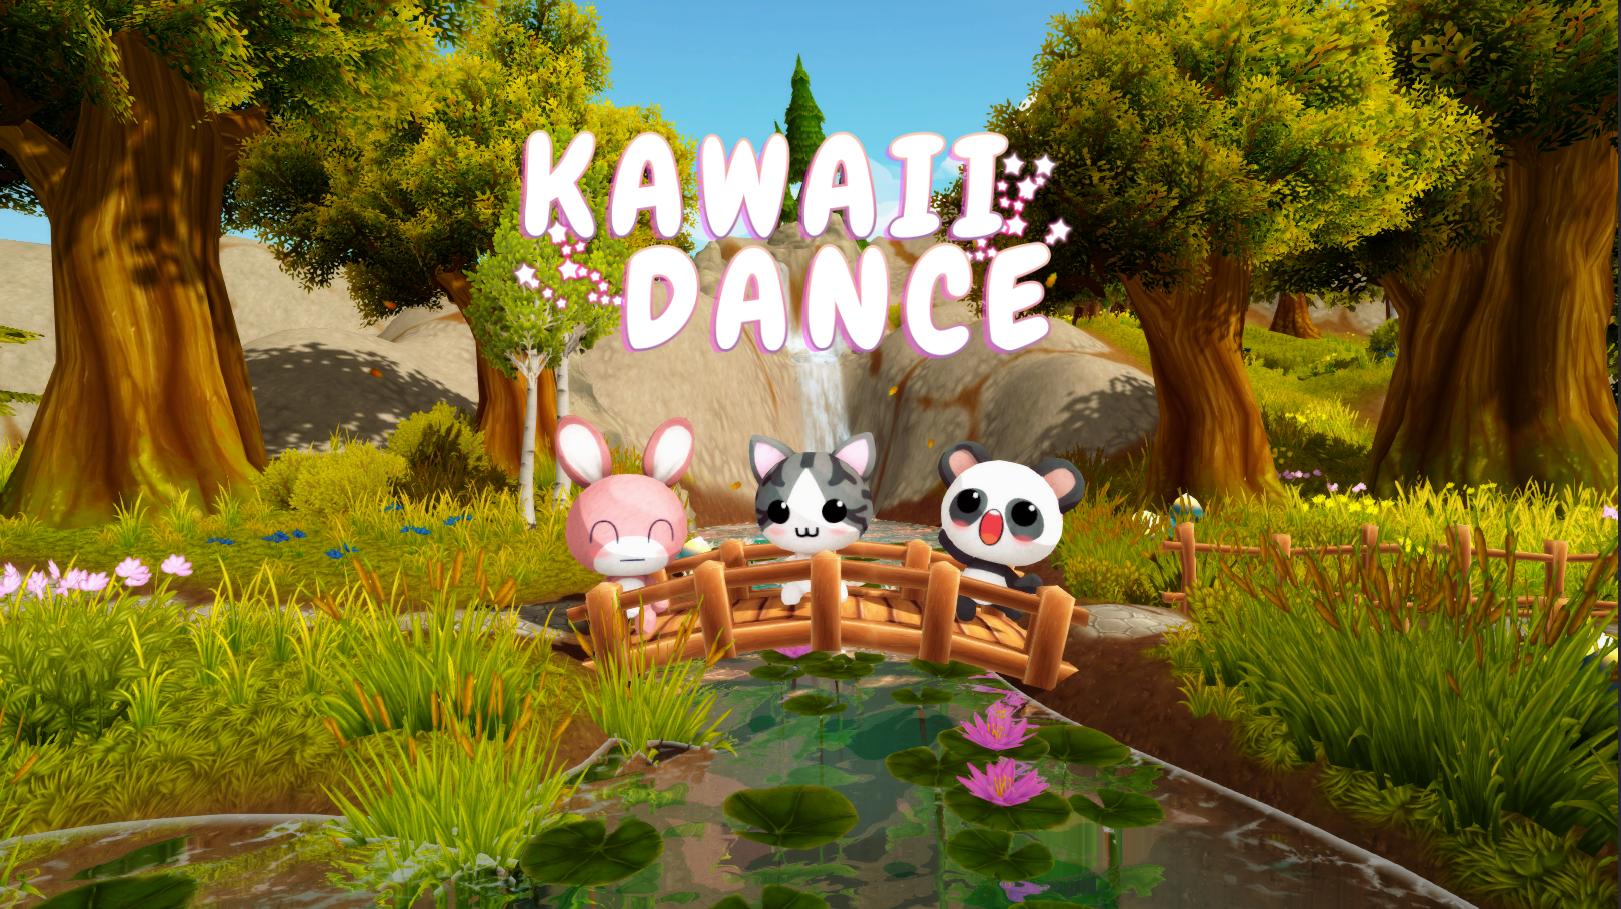 Kawaii Dance